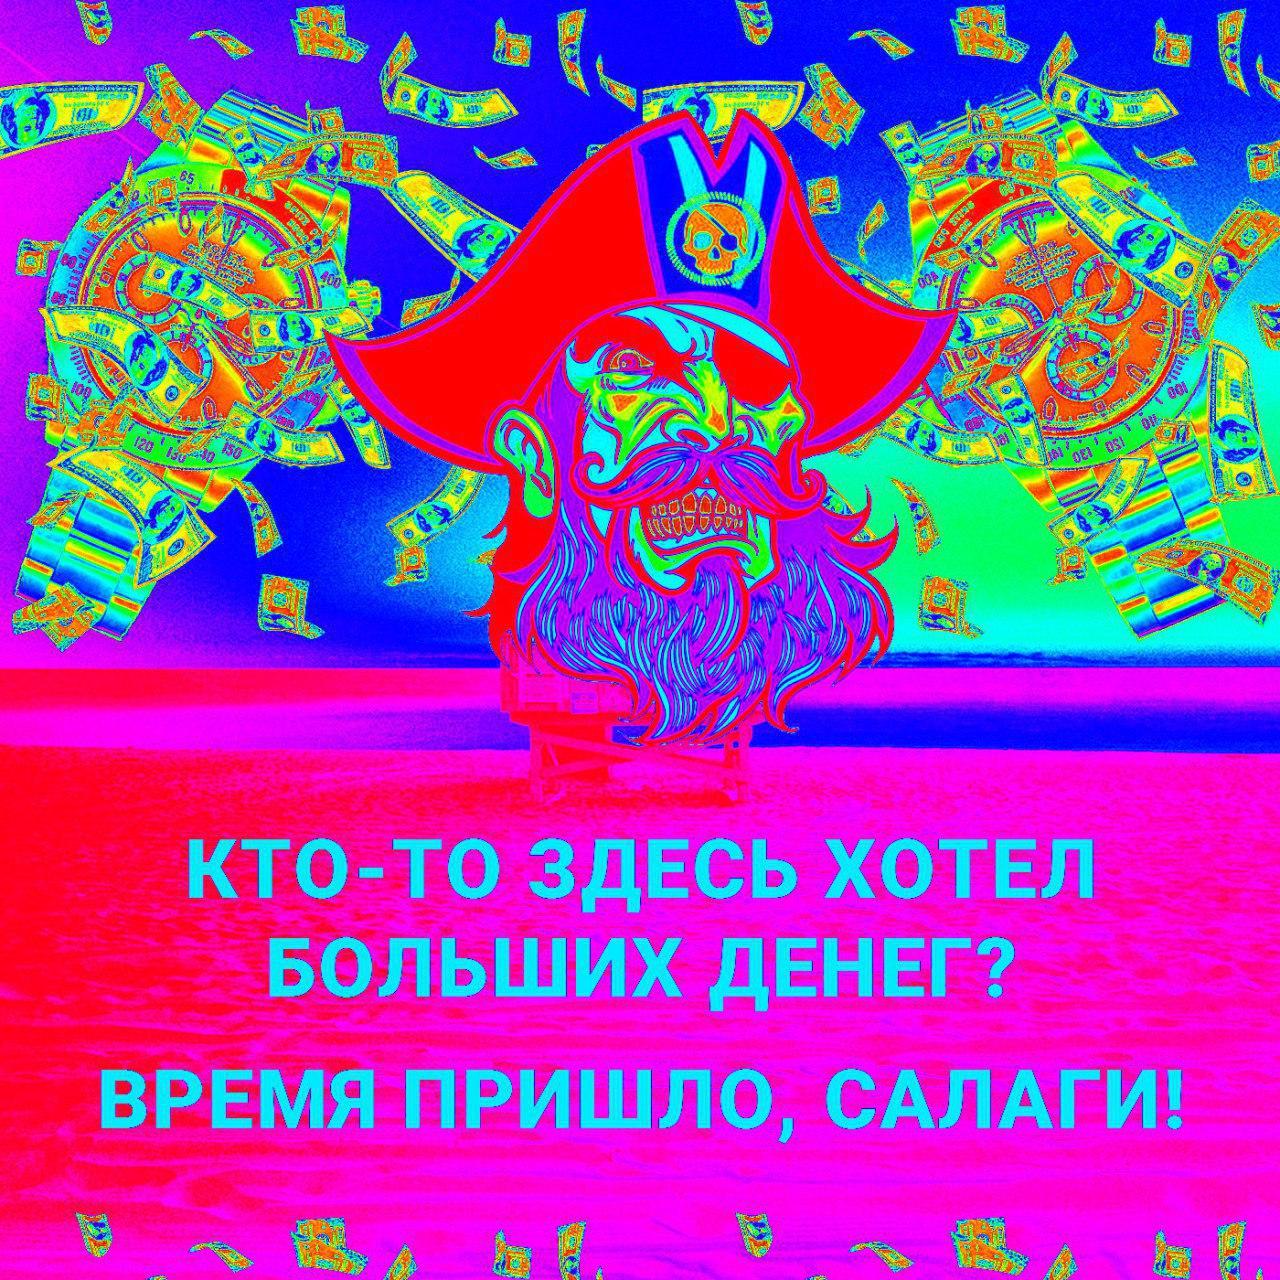 Букмекерская контора марафон сайт беларуси